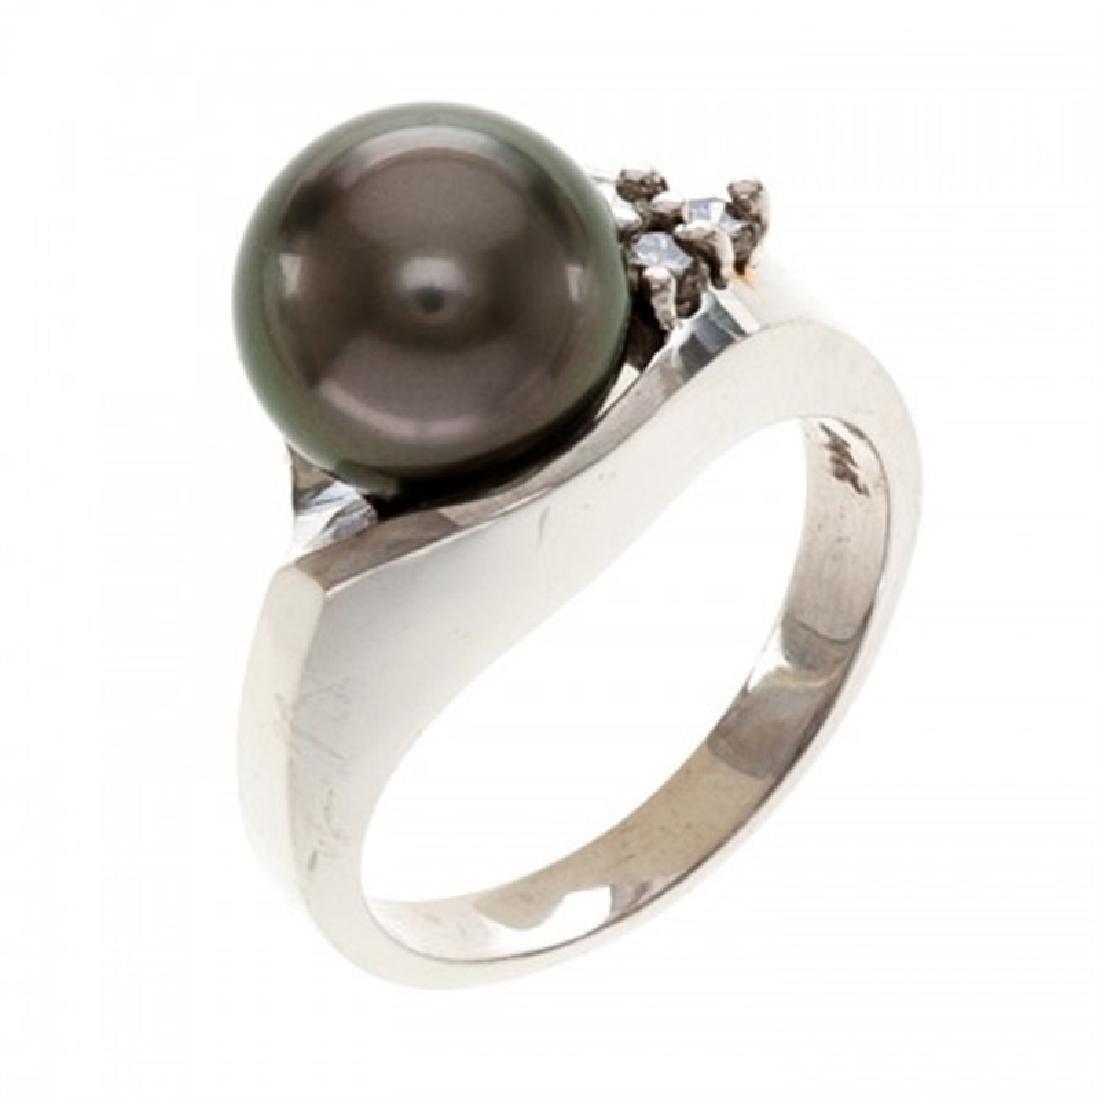 9.5-10.0mm Tahitian Black Pearl Ring